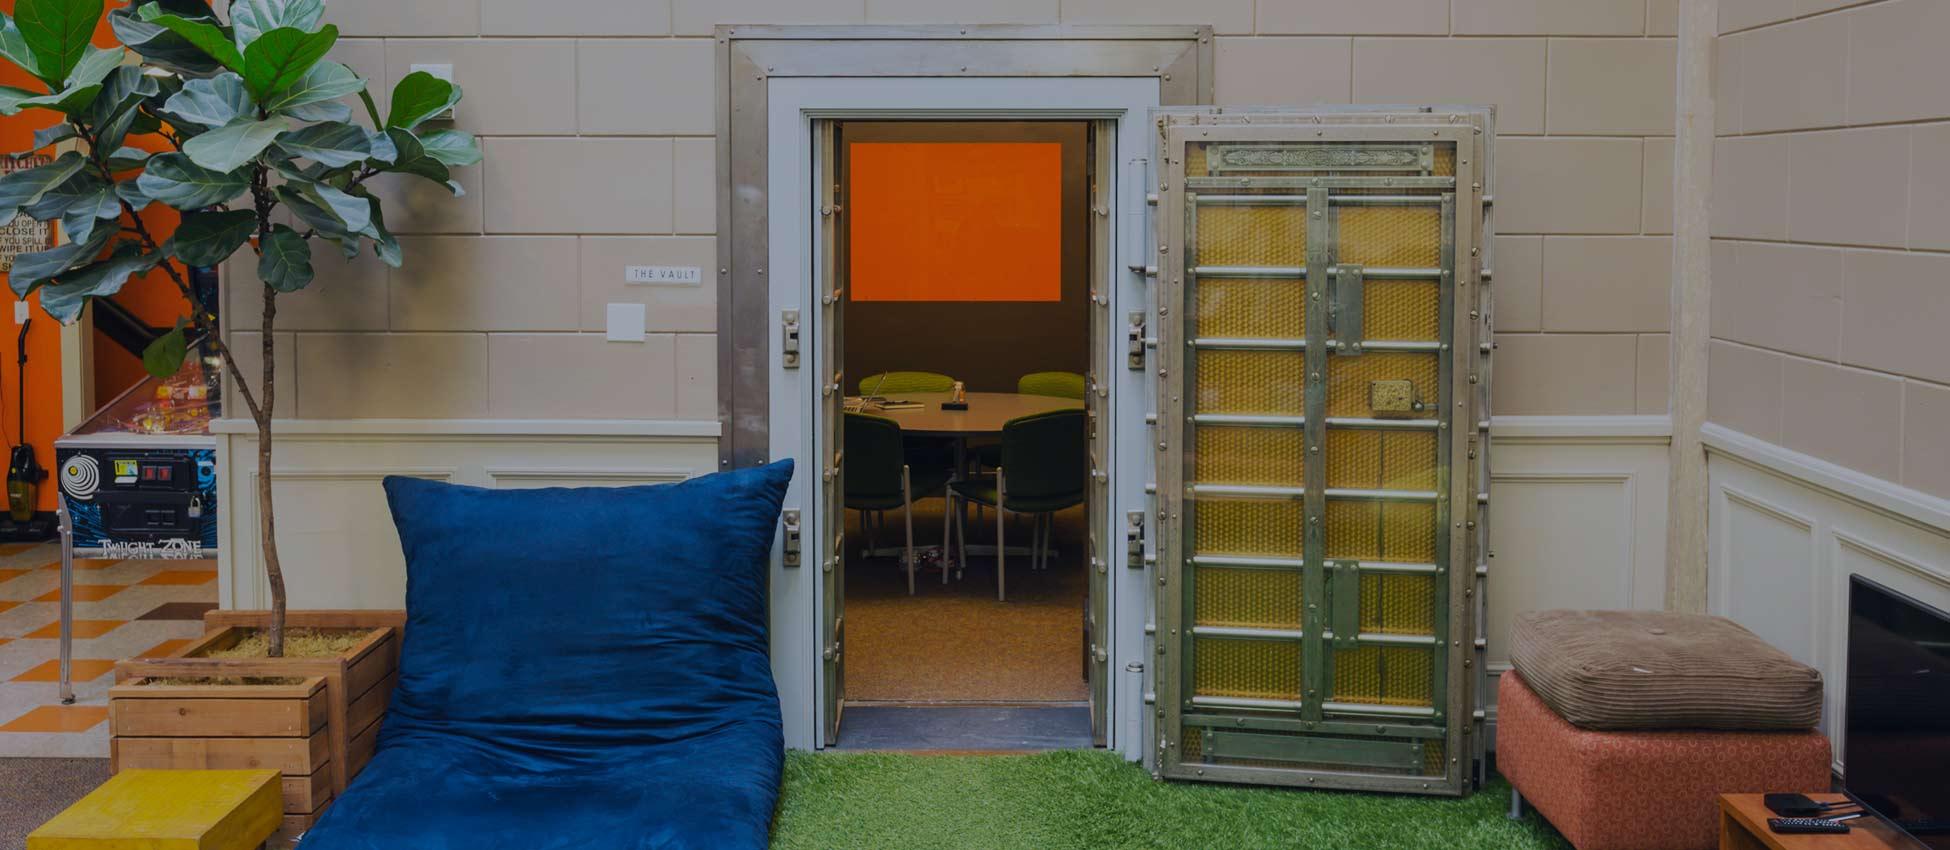 the-vault-berkeley-nextspace-coworking-space